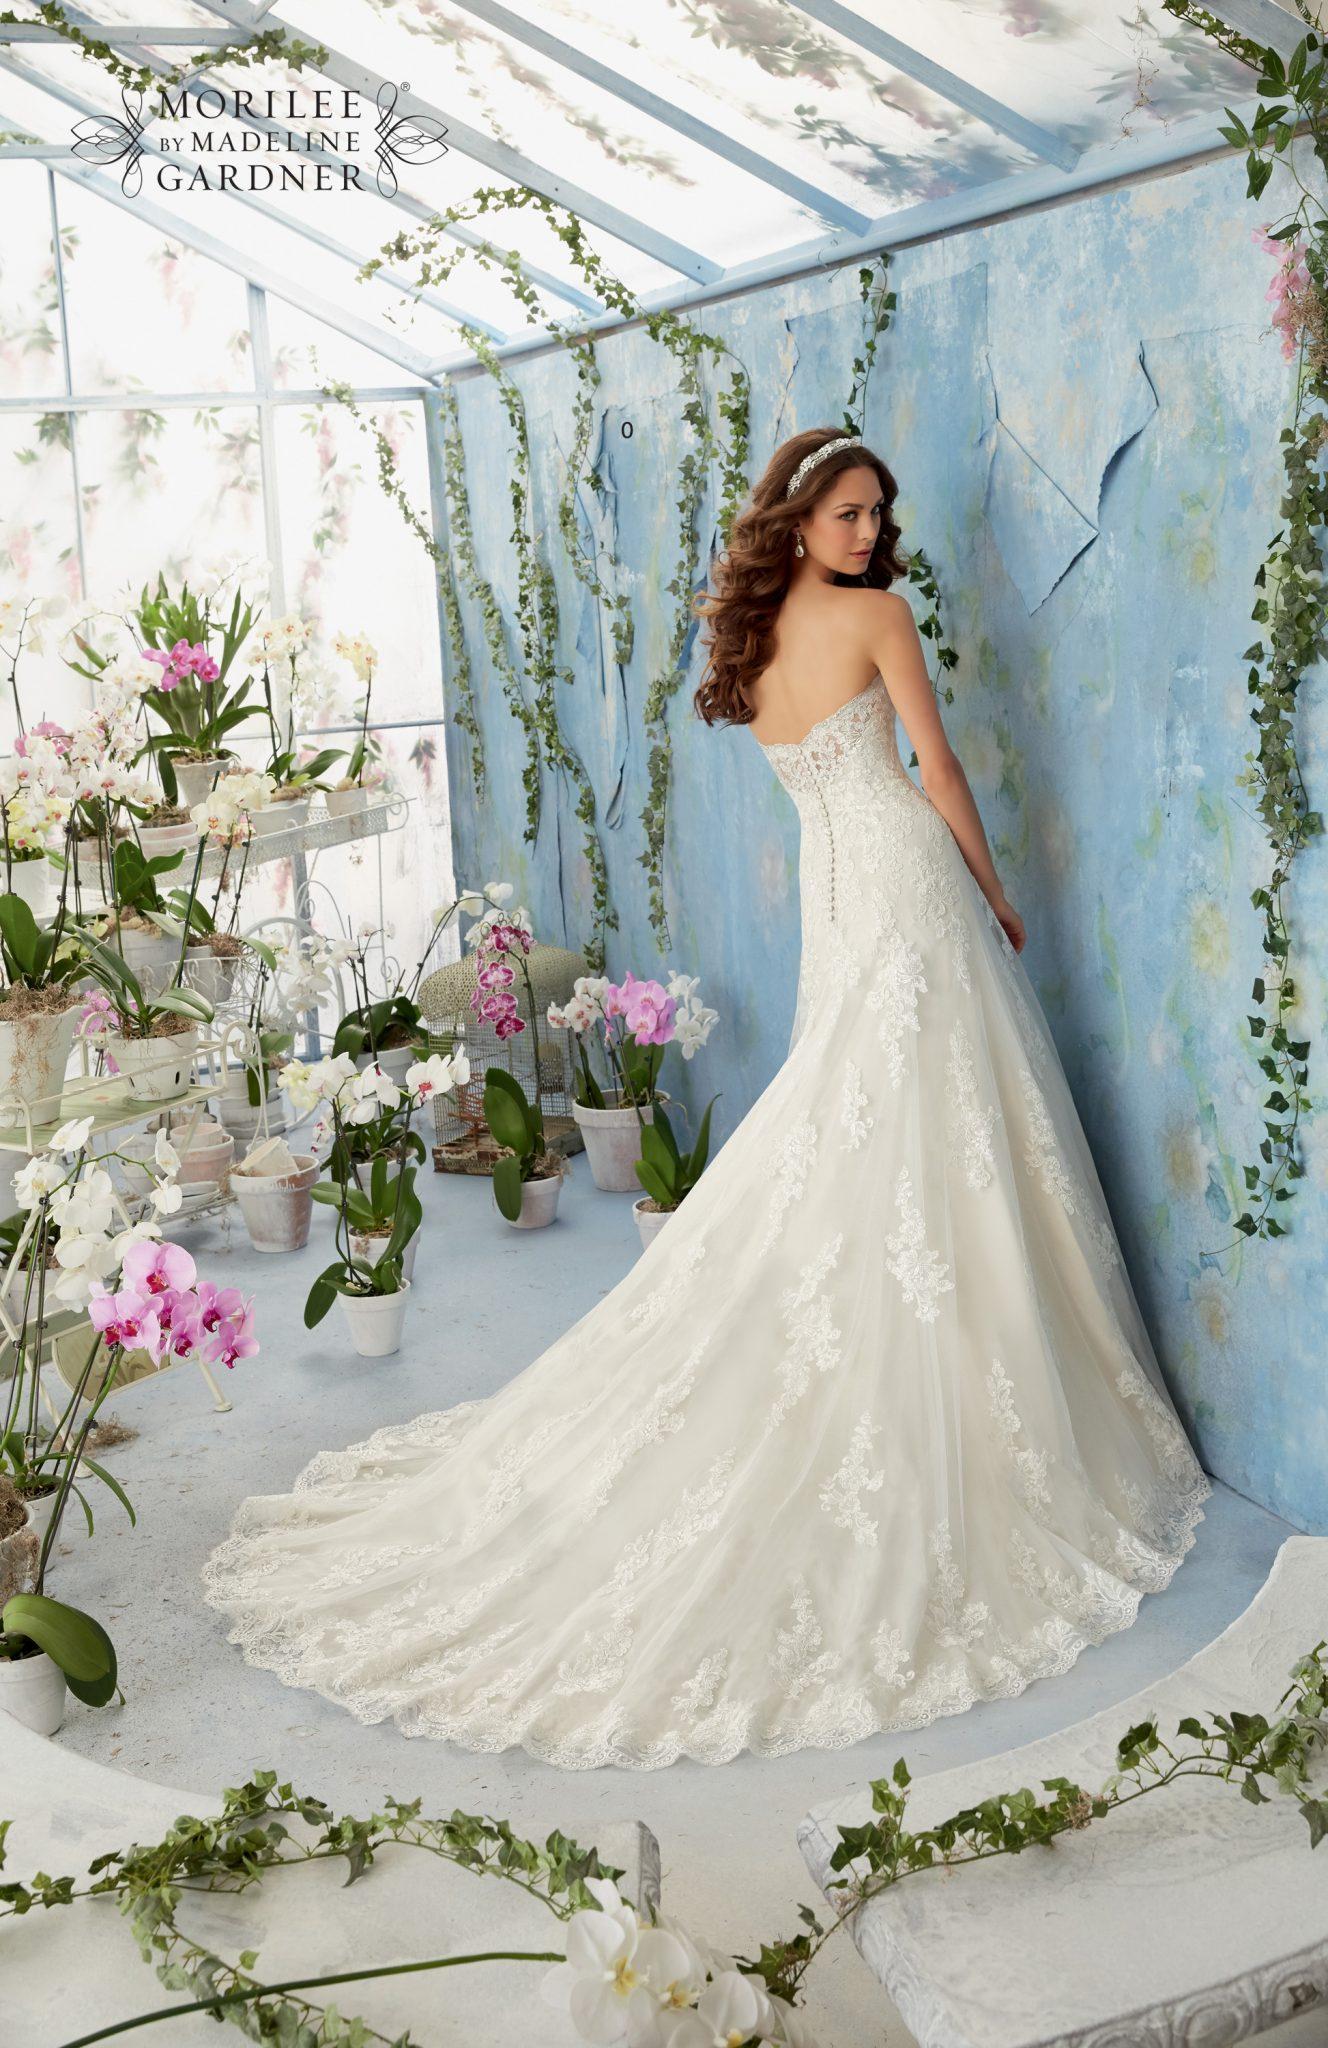 Contemporary Blu Wedding Dress Photos - All Wedding Dresses ...